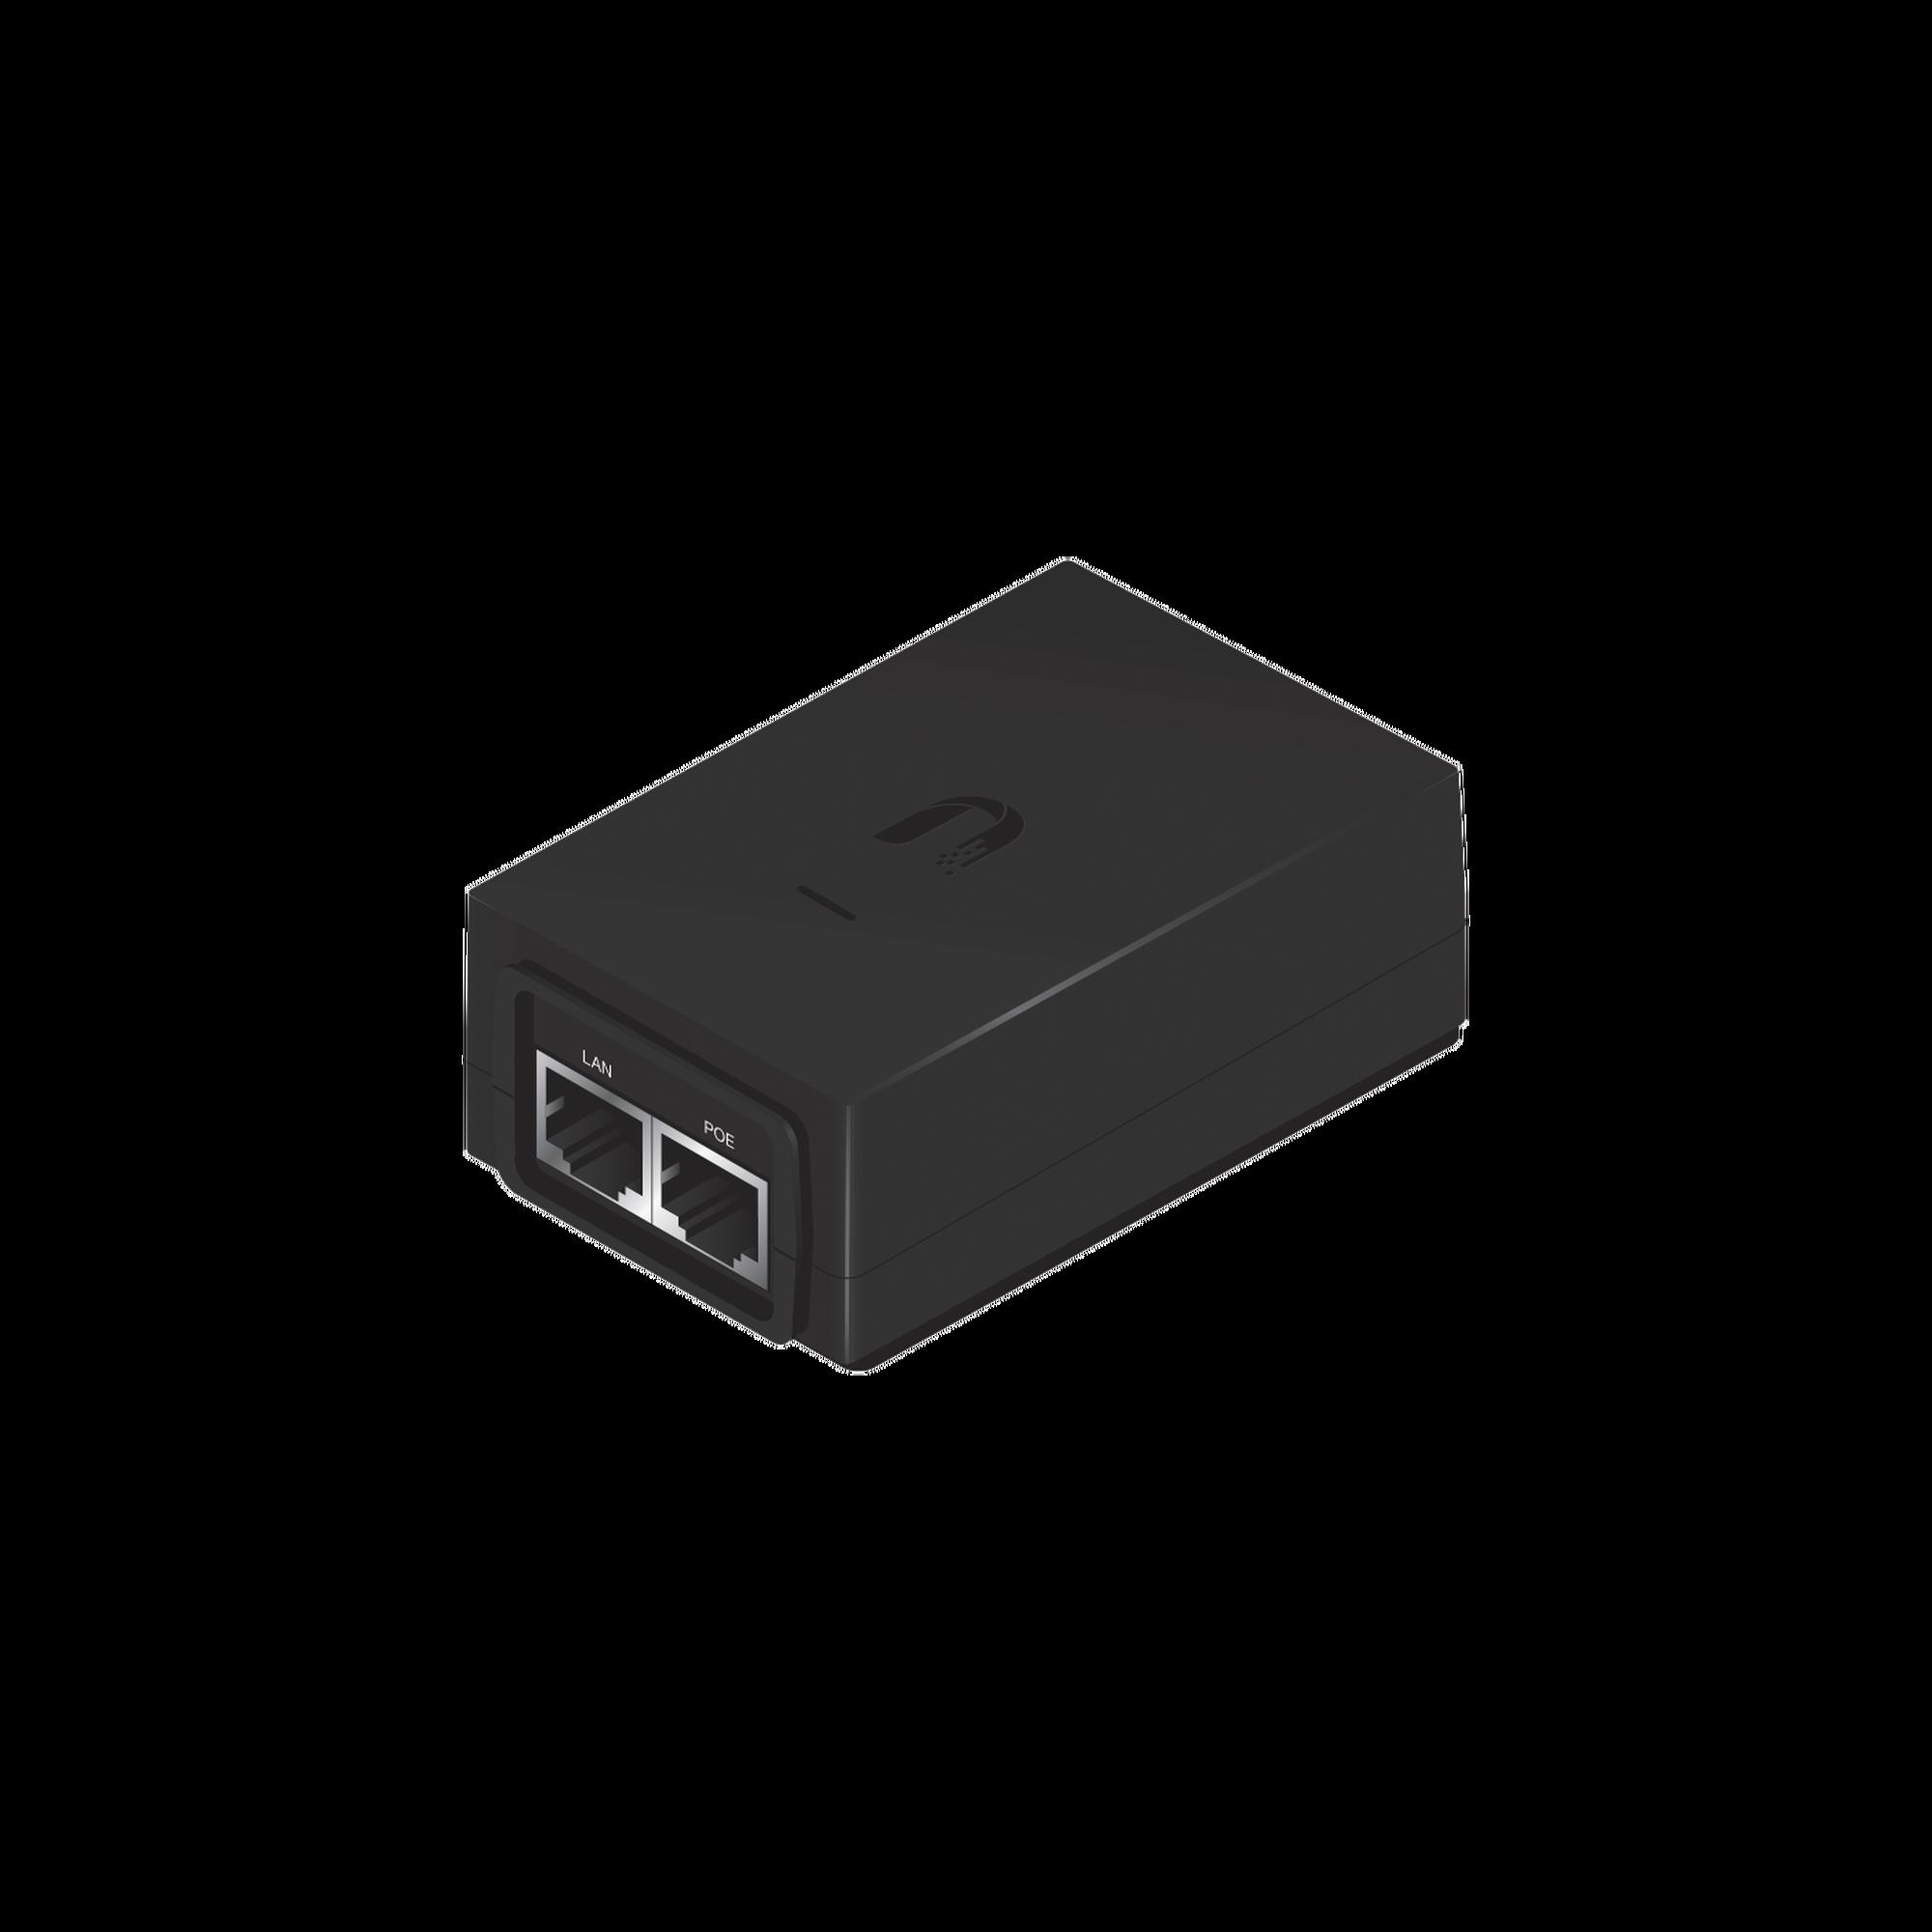 Adaptador PoE Ubiquiti de 48VDC, 0.5A puerto Gigabit